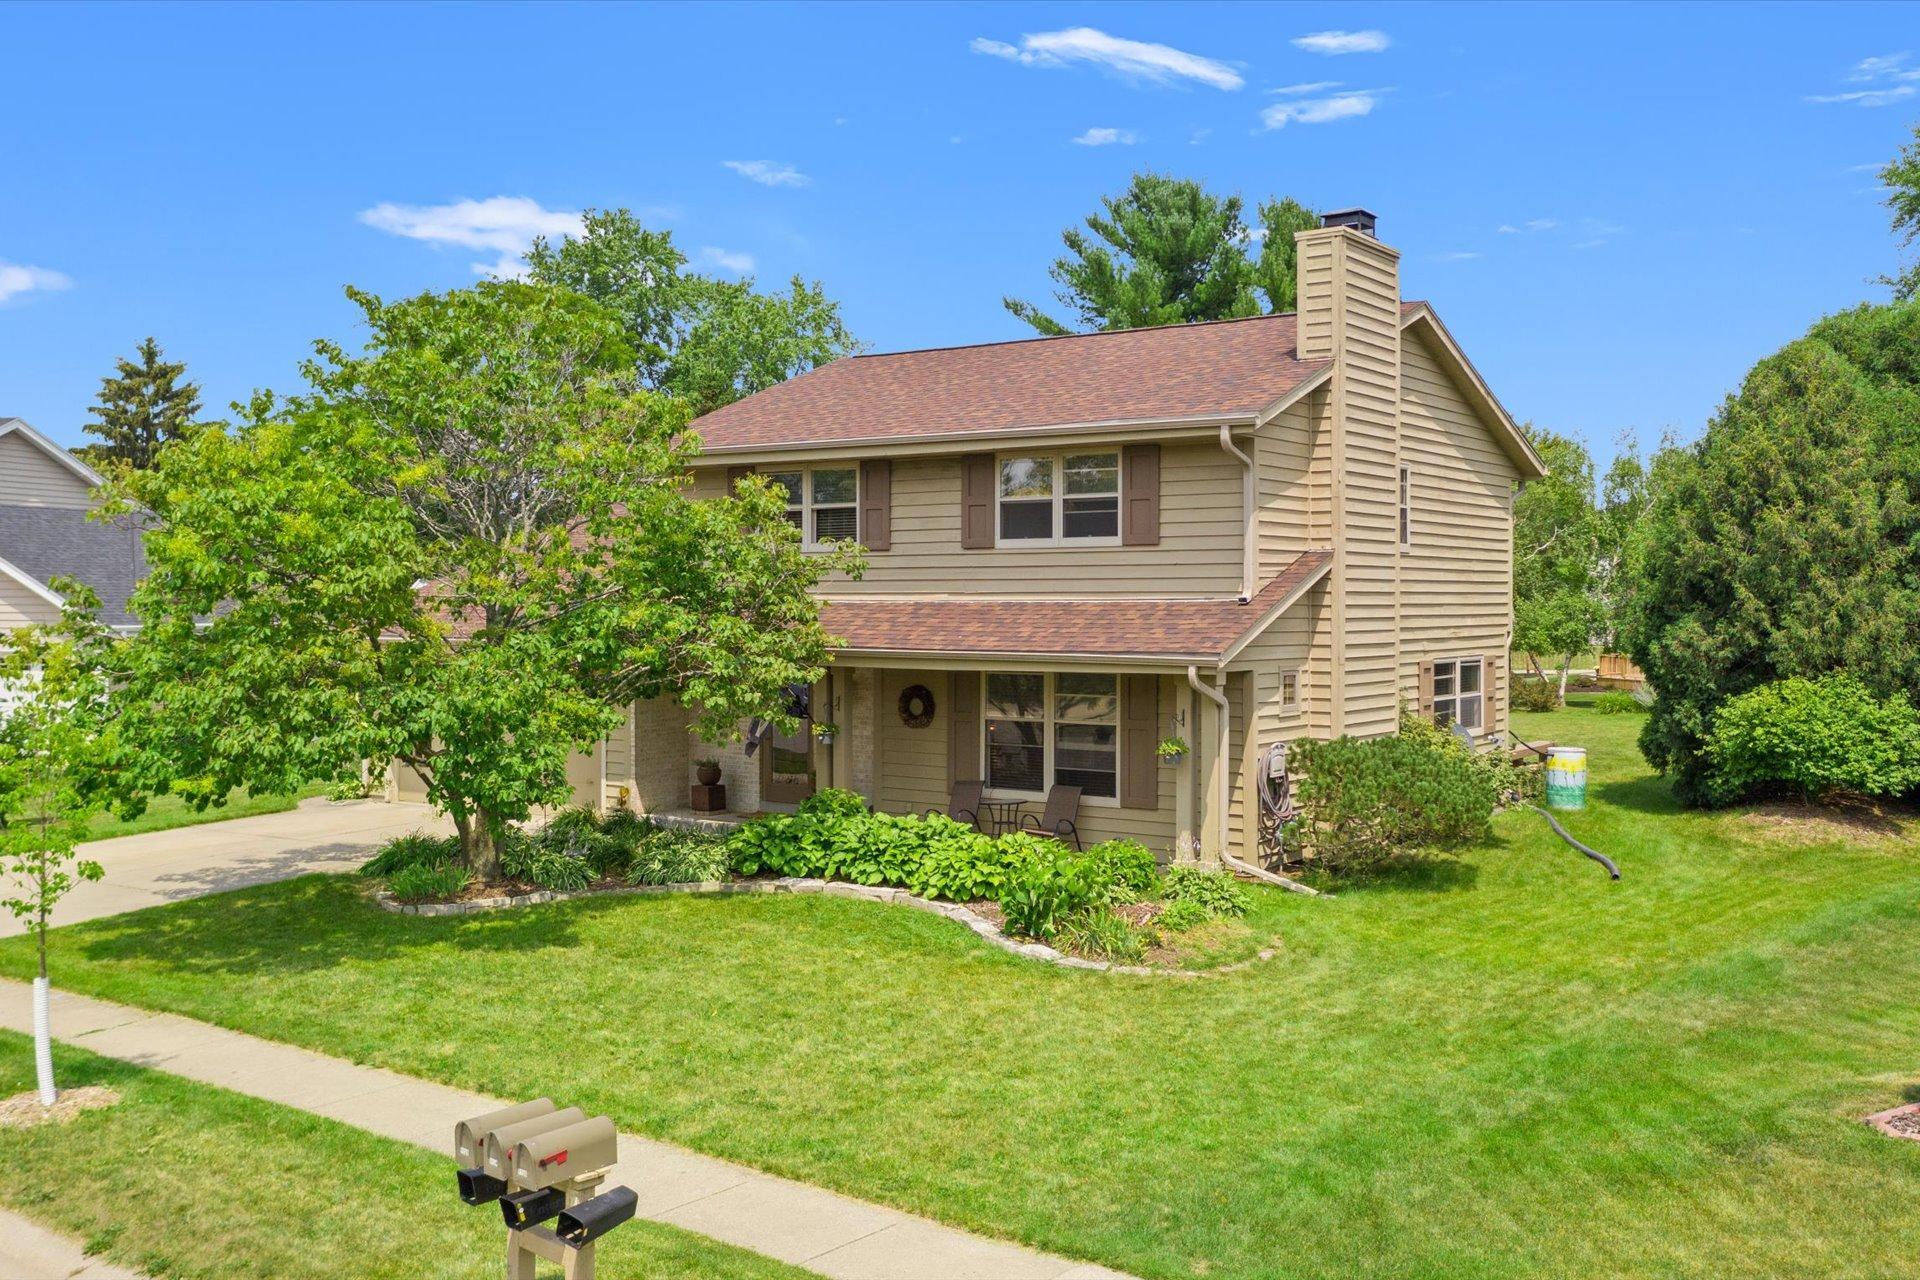 1131 Whittier Ln, Oconomowoc, Wisconsin 53066, 3 Bedrooms Bedrooms, 9 Rooms Rooms,2 BathroomsBathrooms,Single-Family,For Sale,Whittier Ln,1753943